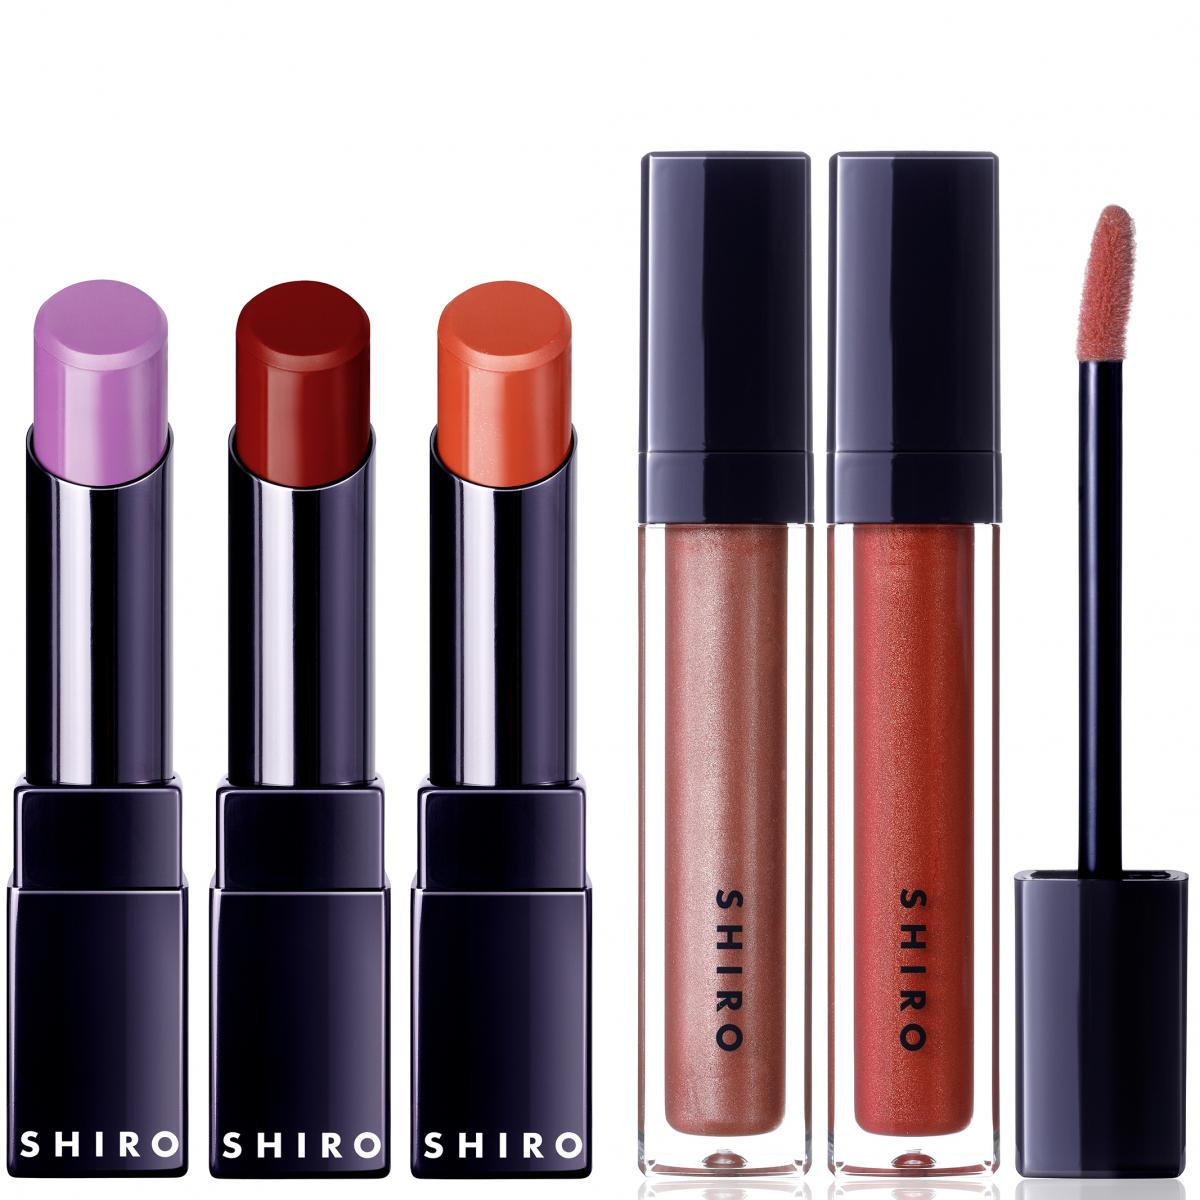 ブランド10周年を迎え、全製品のパッケージ、ロゴを一新! 世界を視野に「SHIRO」が新たなるステージへ…!